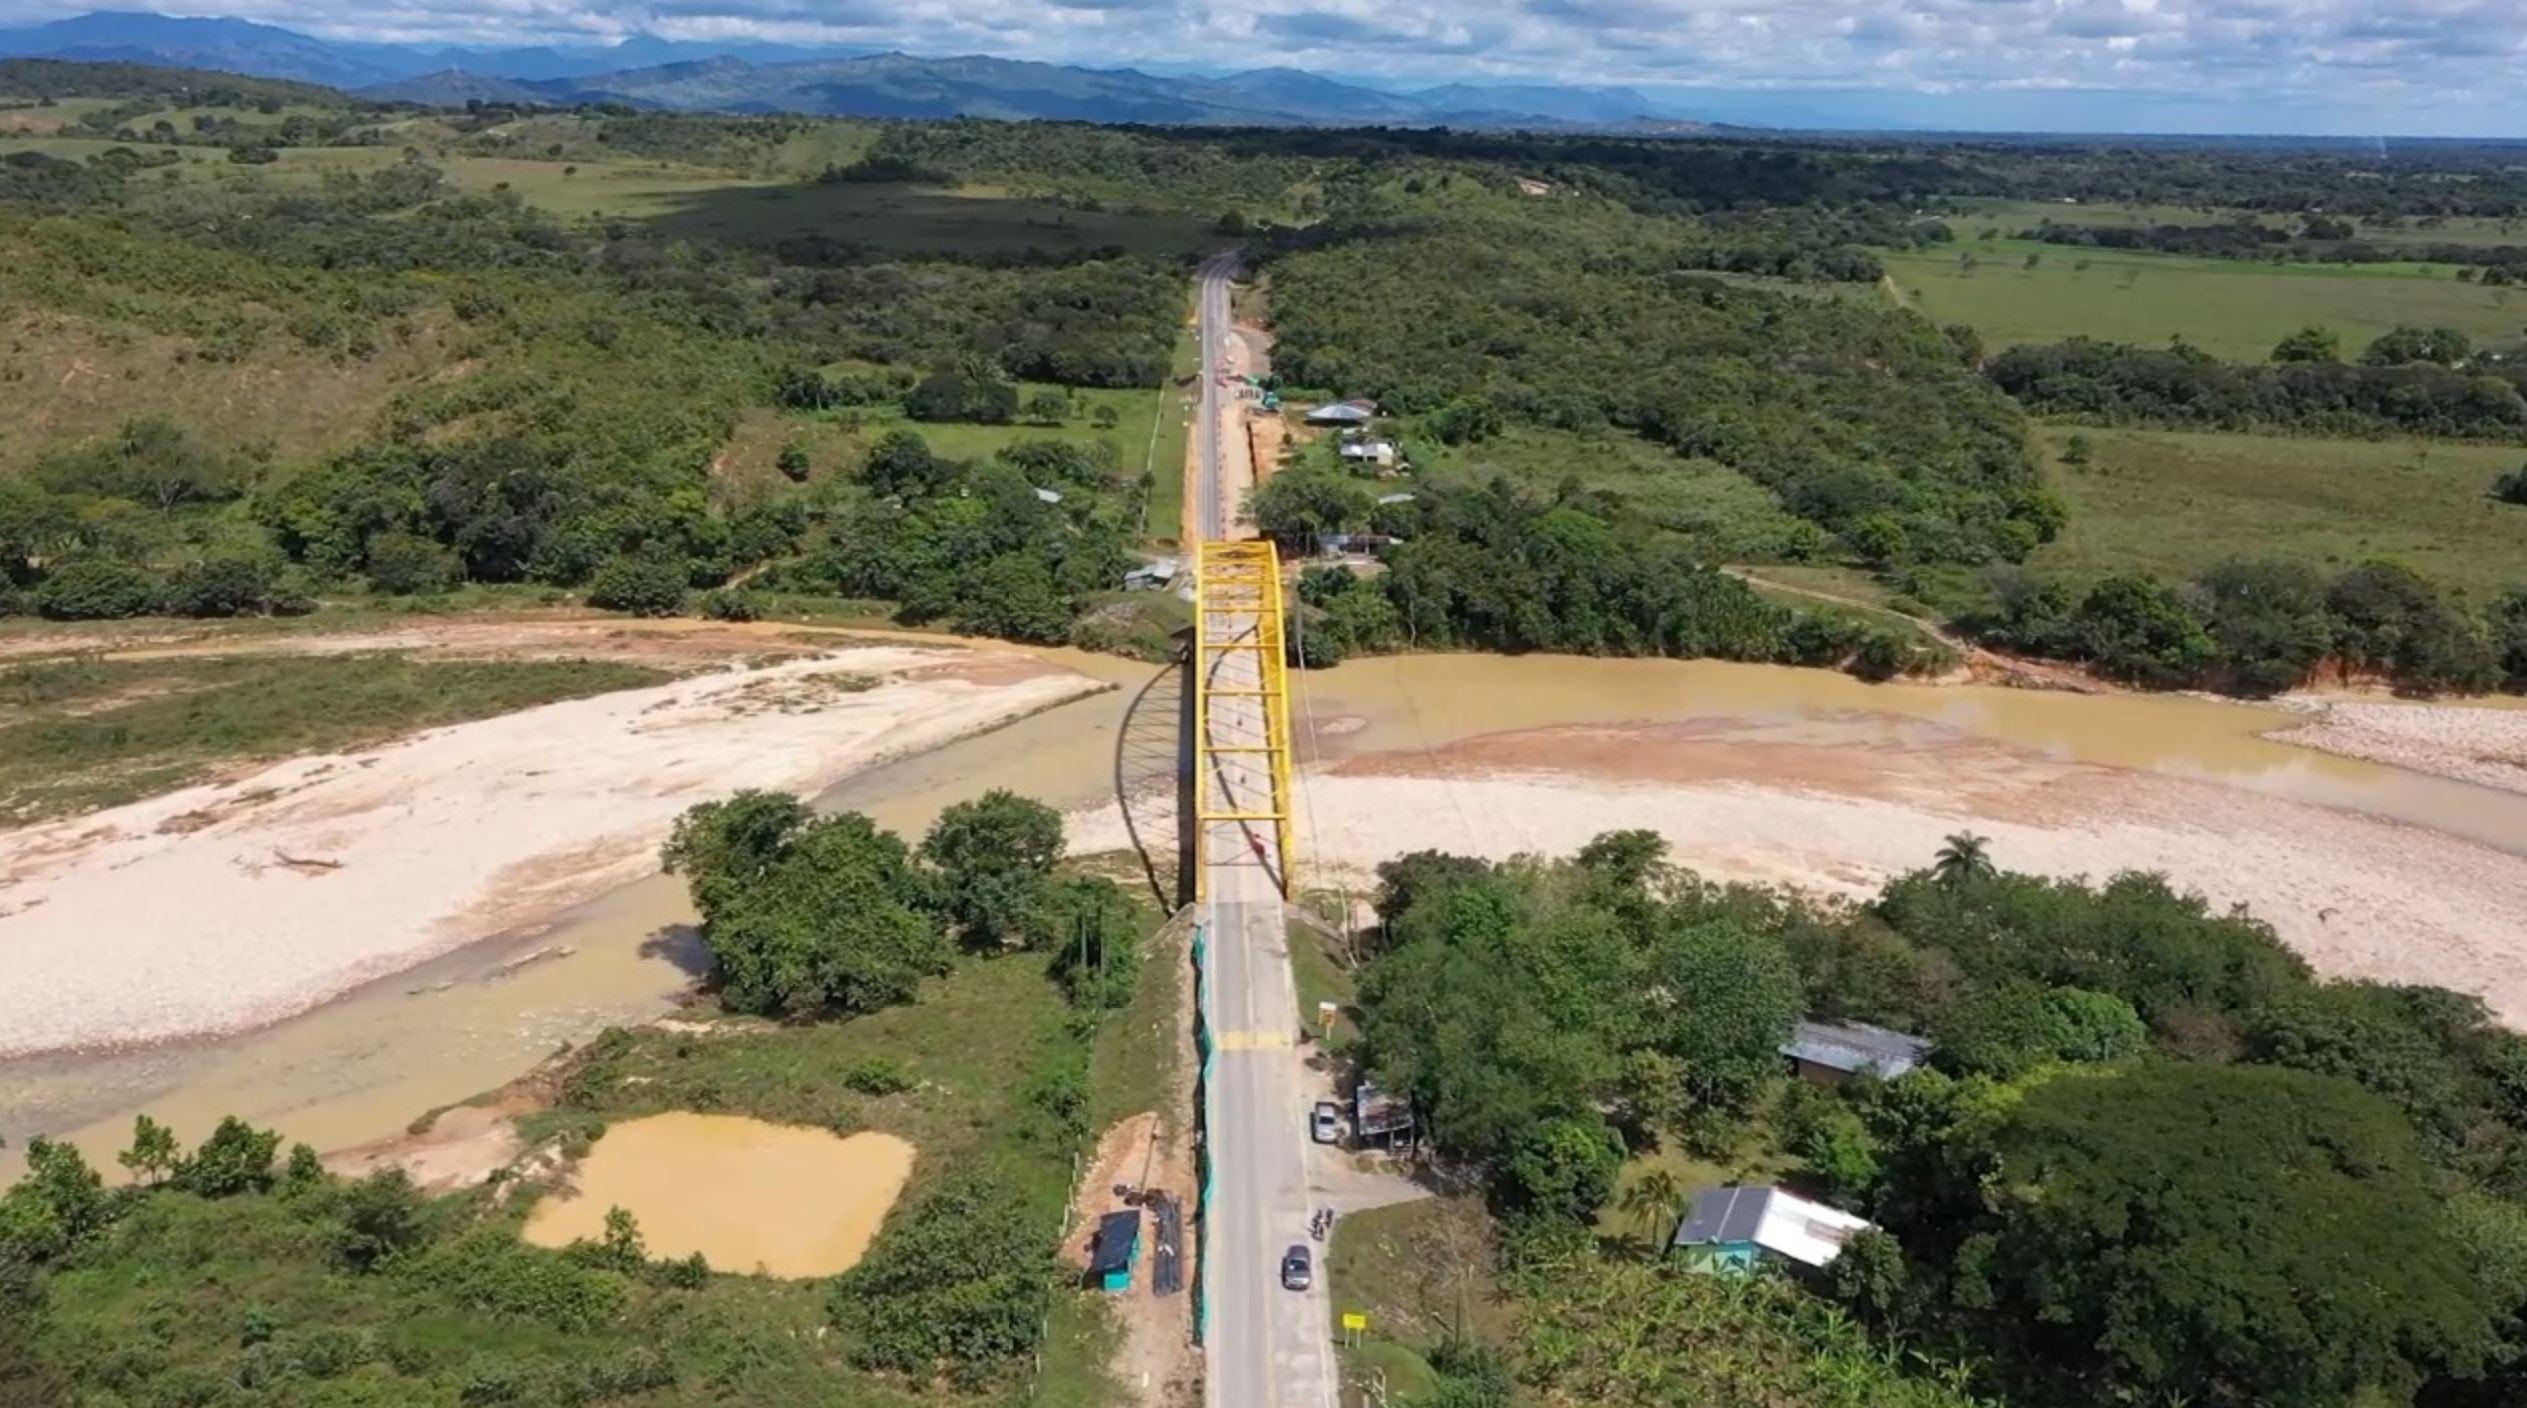 Villavicencio, 12 de enero de 2021. Durante cuatro horas se restringirá el paso vehicular a la altura del kilómetro 38 de la Ruta Nacional 6512 en el tramo Monterrey – Tauramena para el desarrollo de labores de mantenimiento en el puente Chitamena.  El cierre de este sector iniciará a las 10:00 de la noche […]